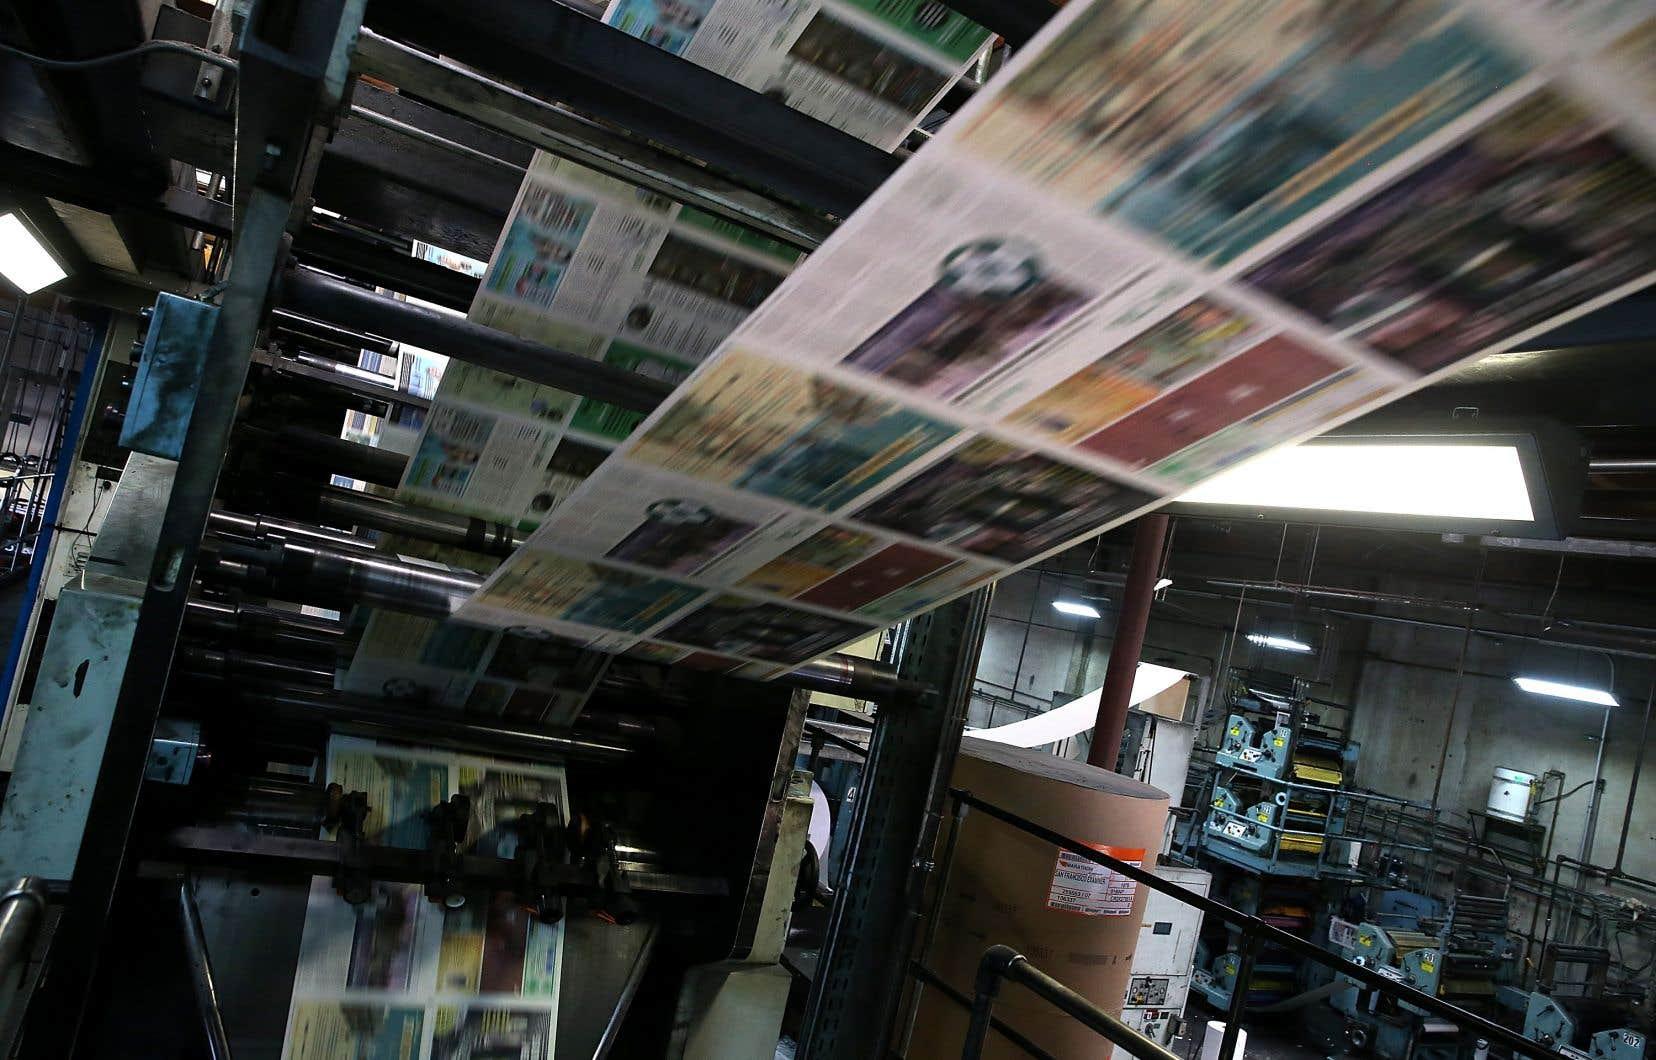 «Il faut que le gouvernement fédéral agisse pour soutenir les médias de la presse écrite», a martelé la présidente de la FNC-CSN, Pascale St-Onge.